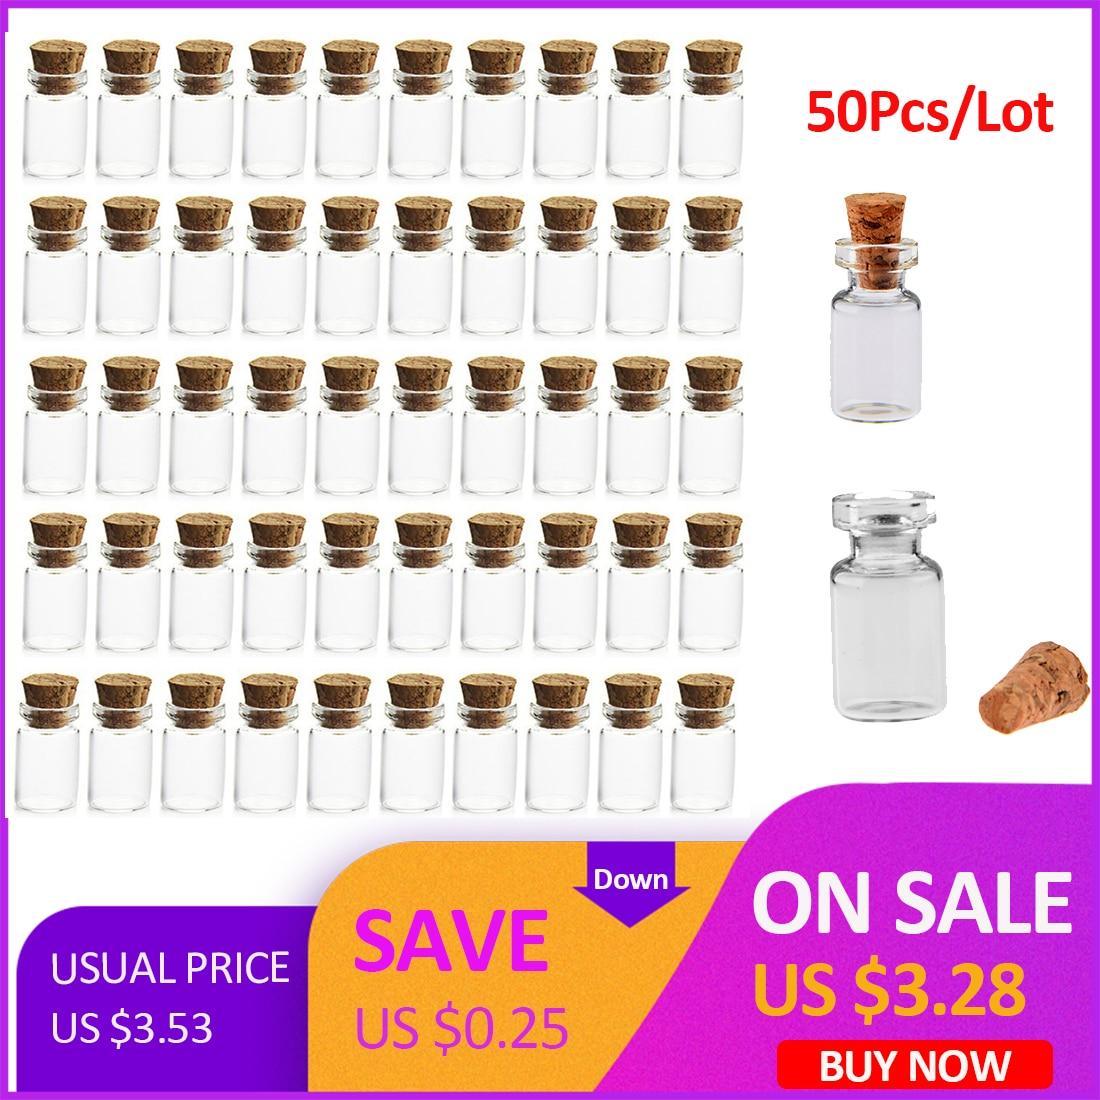 Nagykereskedelmi ár Mini átlátszó üveg palackok Üres mintaüvegek üveges dugóval Üveg esküvők kívánság palack forró eladó